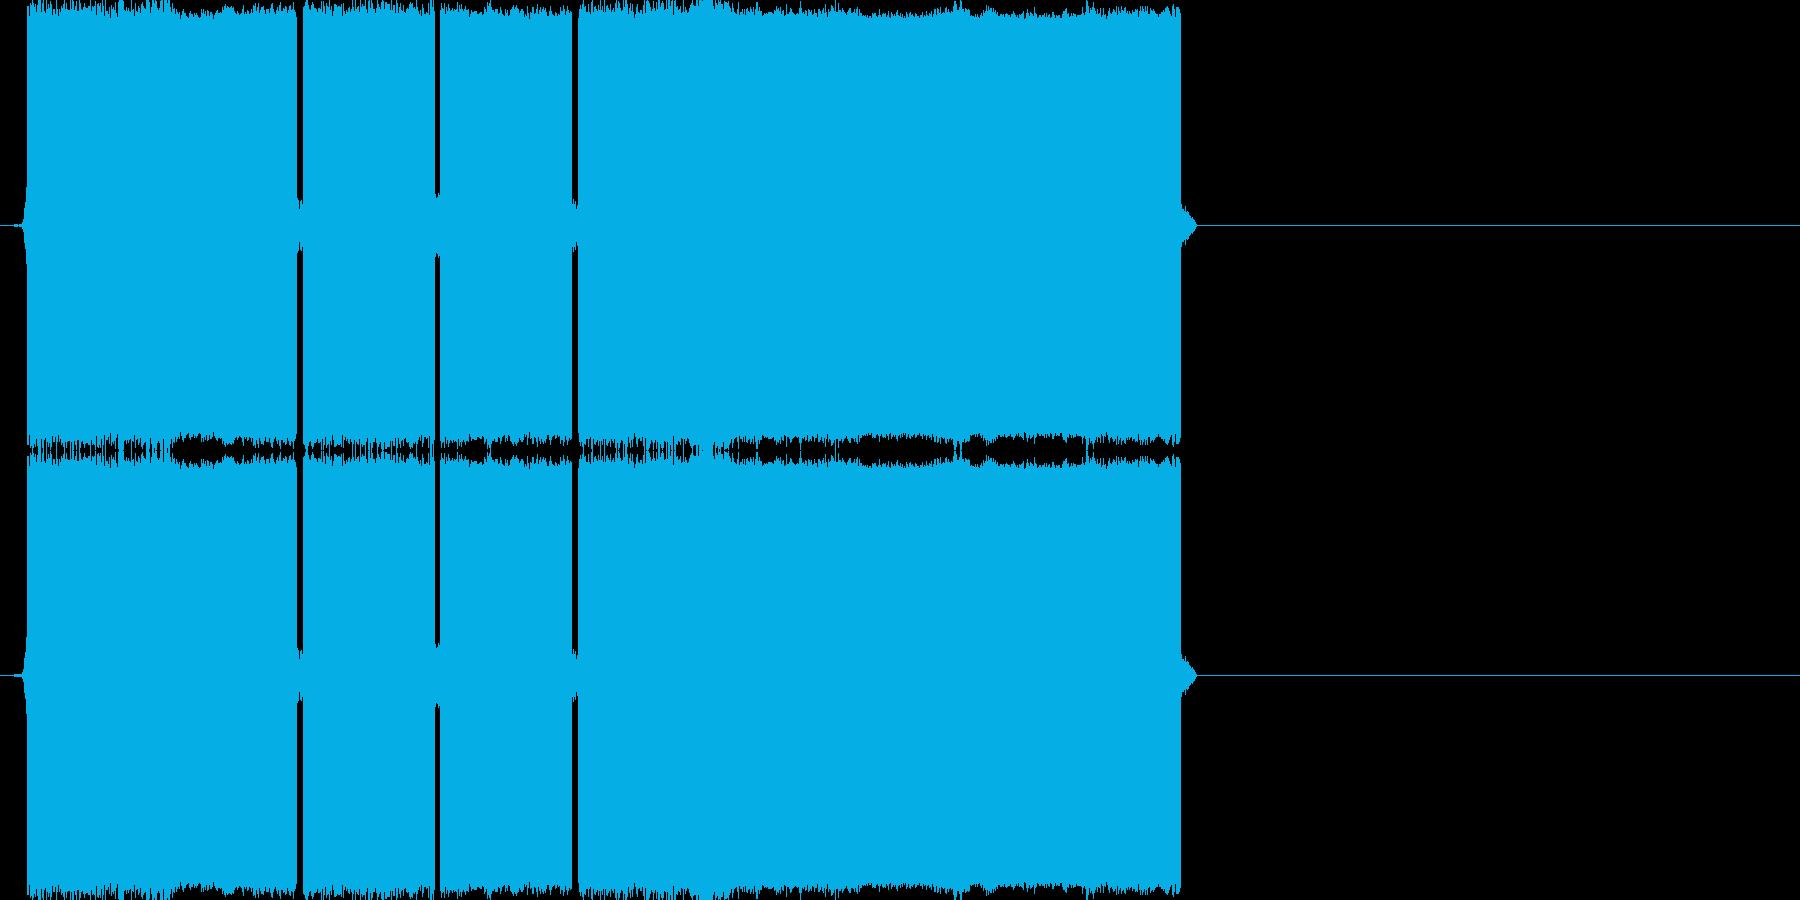 ピロピロピロー(正解の音)の再生済みの波形